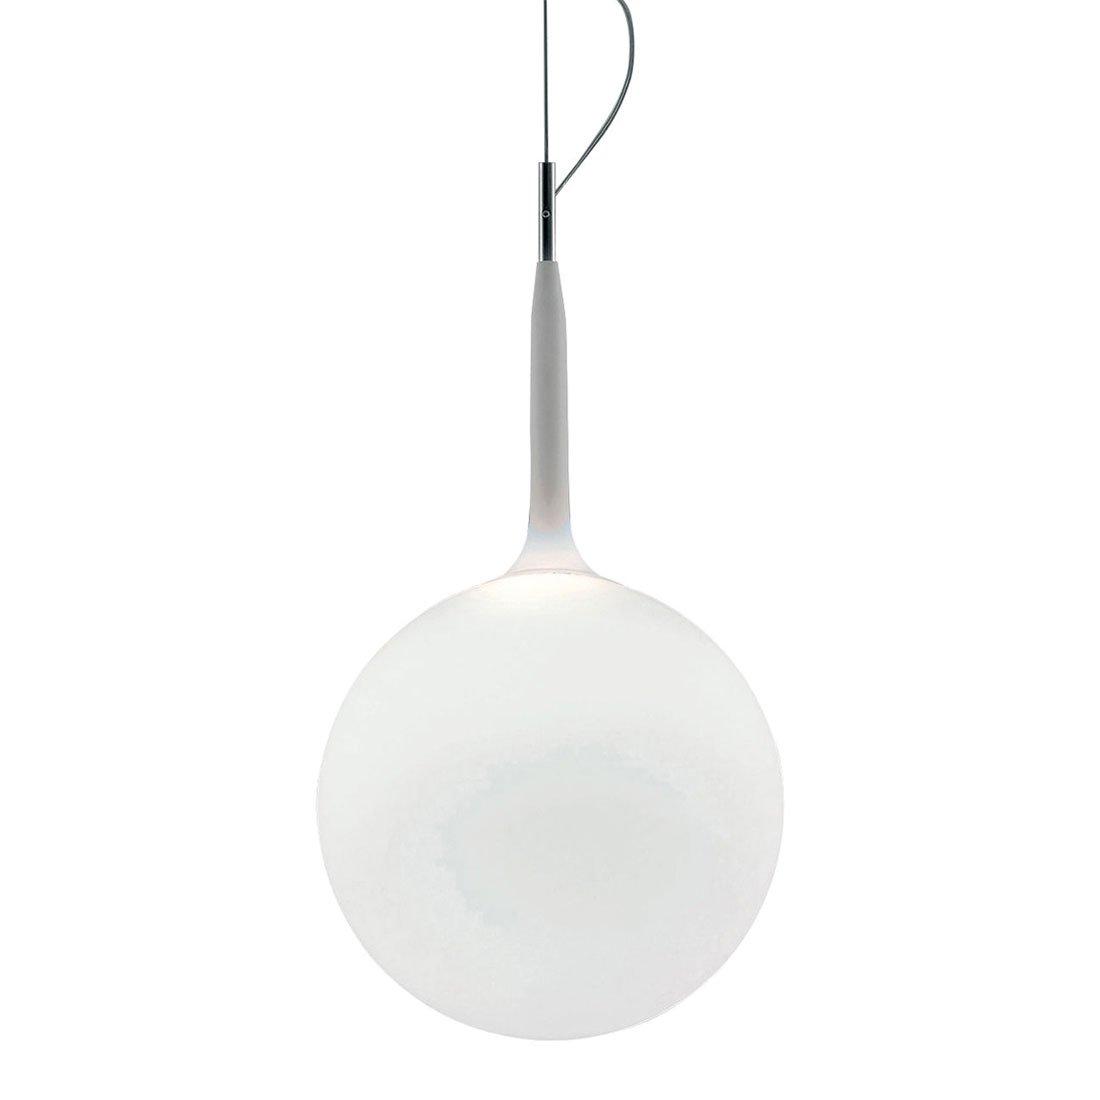 Castore Hanglamp - Artemide